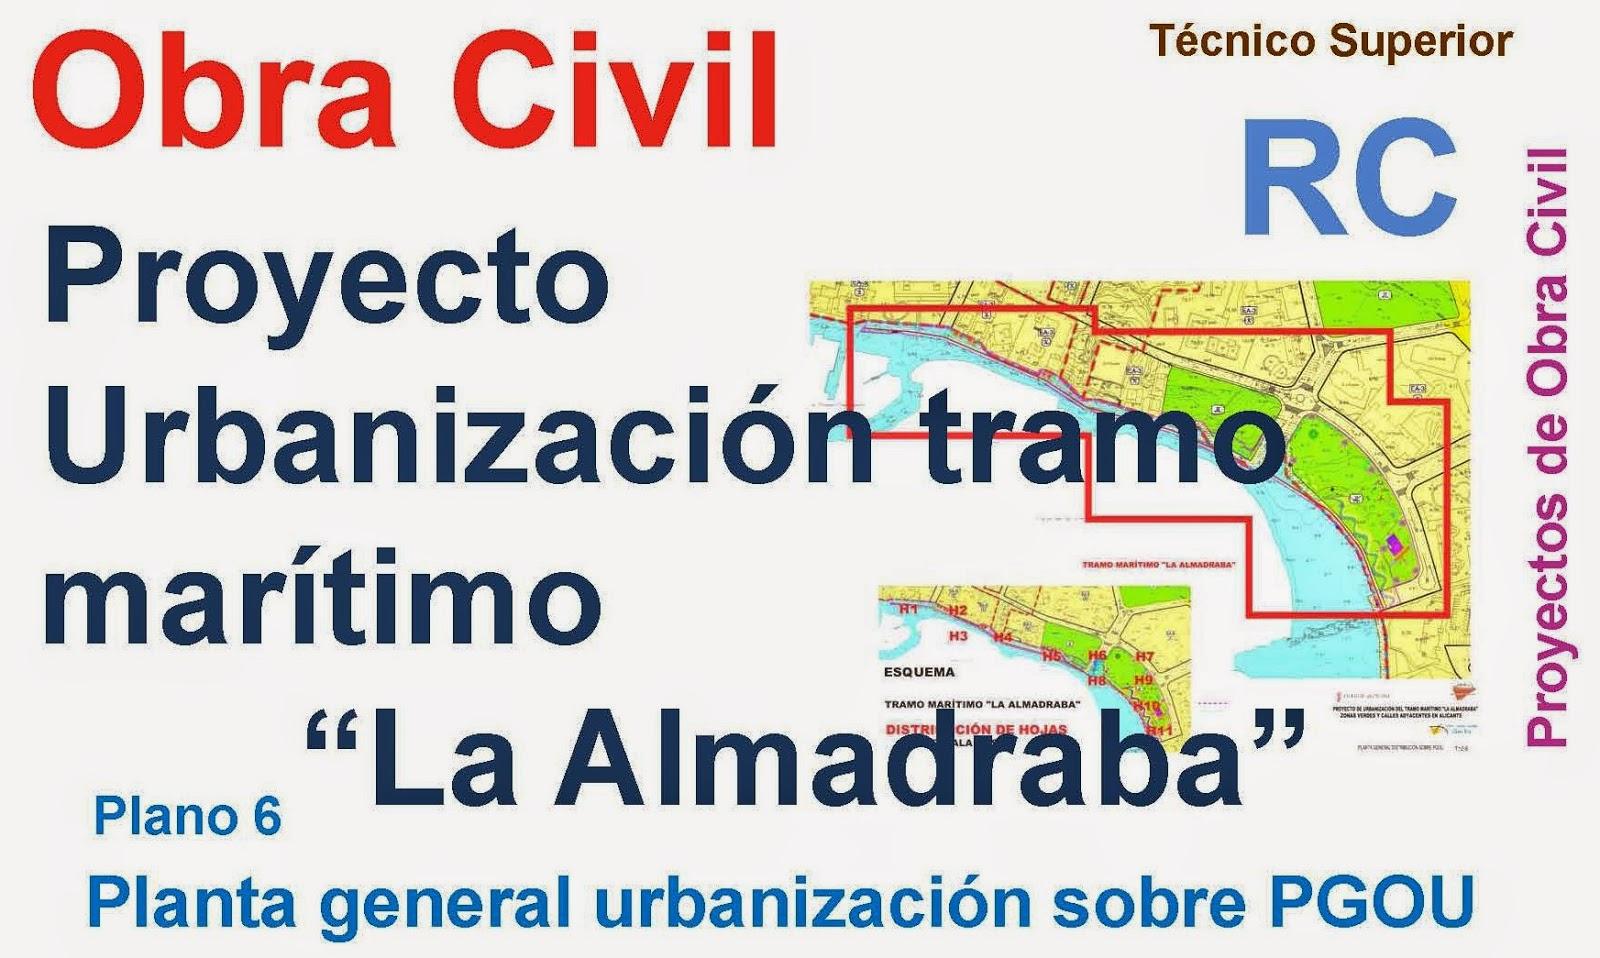 Rc i e s gran v a alicante pr ctica 11 planos 6 proyecto for Planos de obra civil